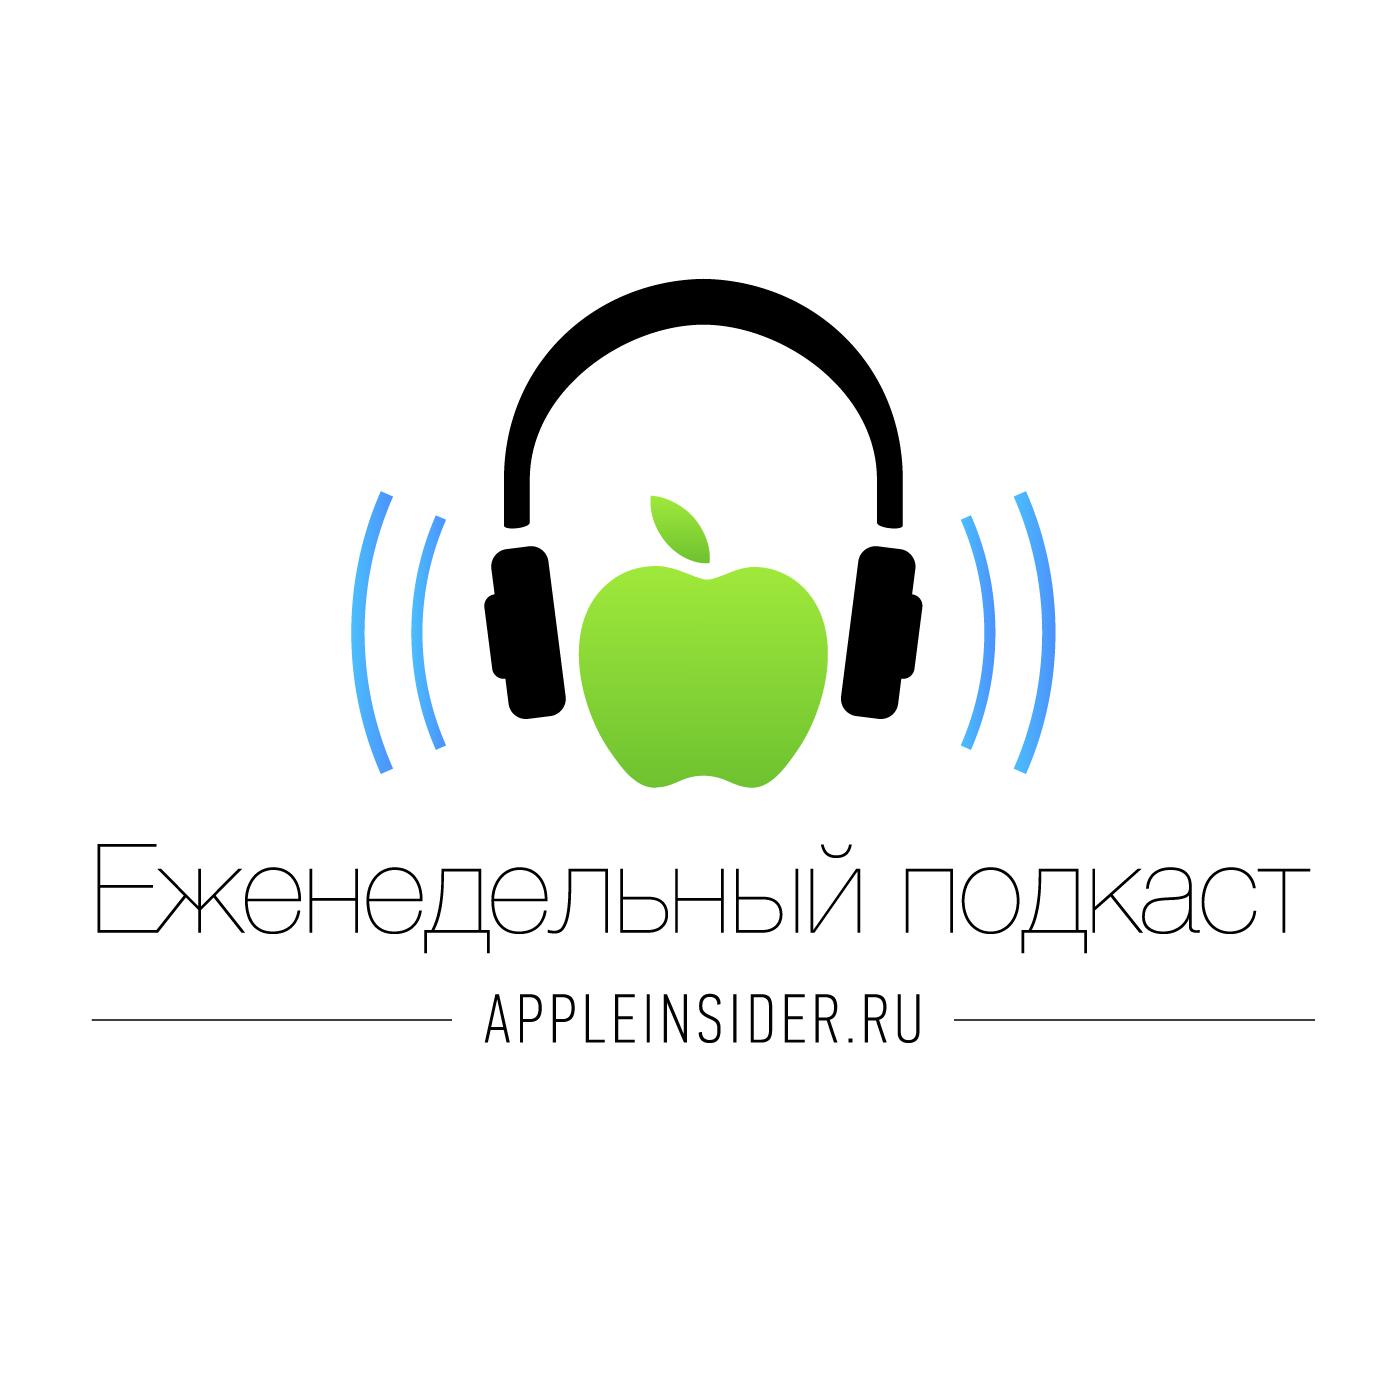 Миша Королев iOS 11 личные впечатления миша королев впечатления от iphone se и ipad pro 2016